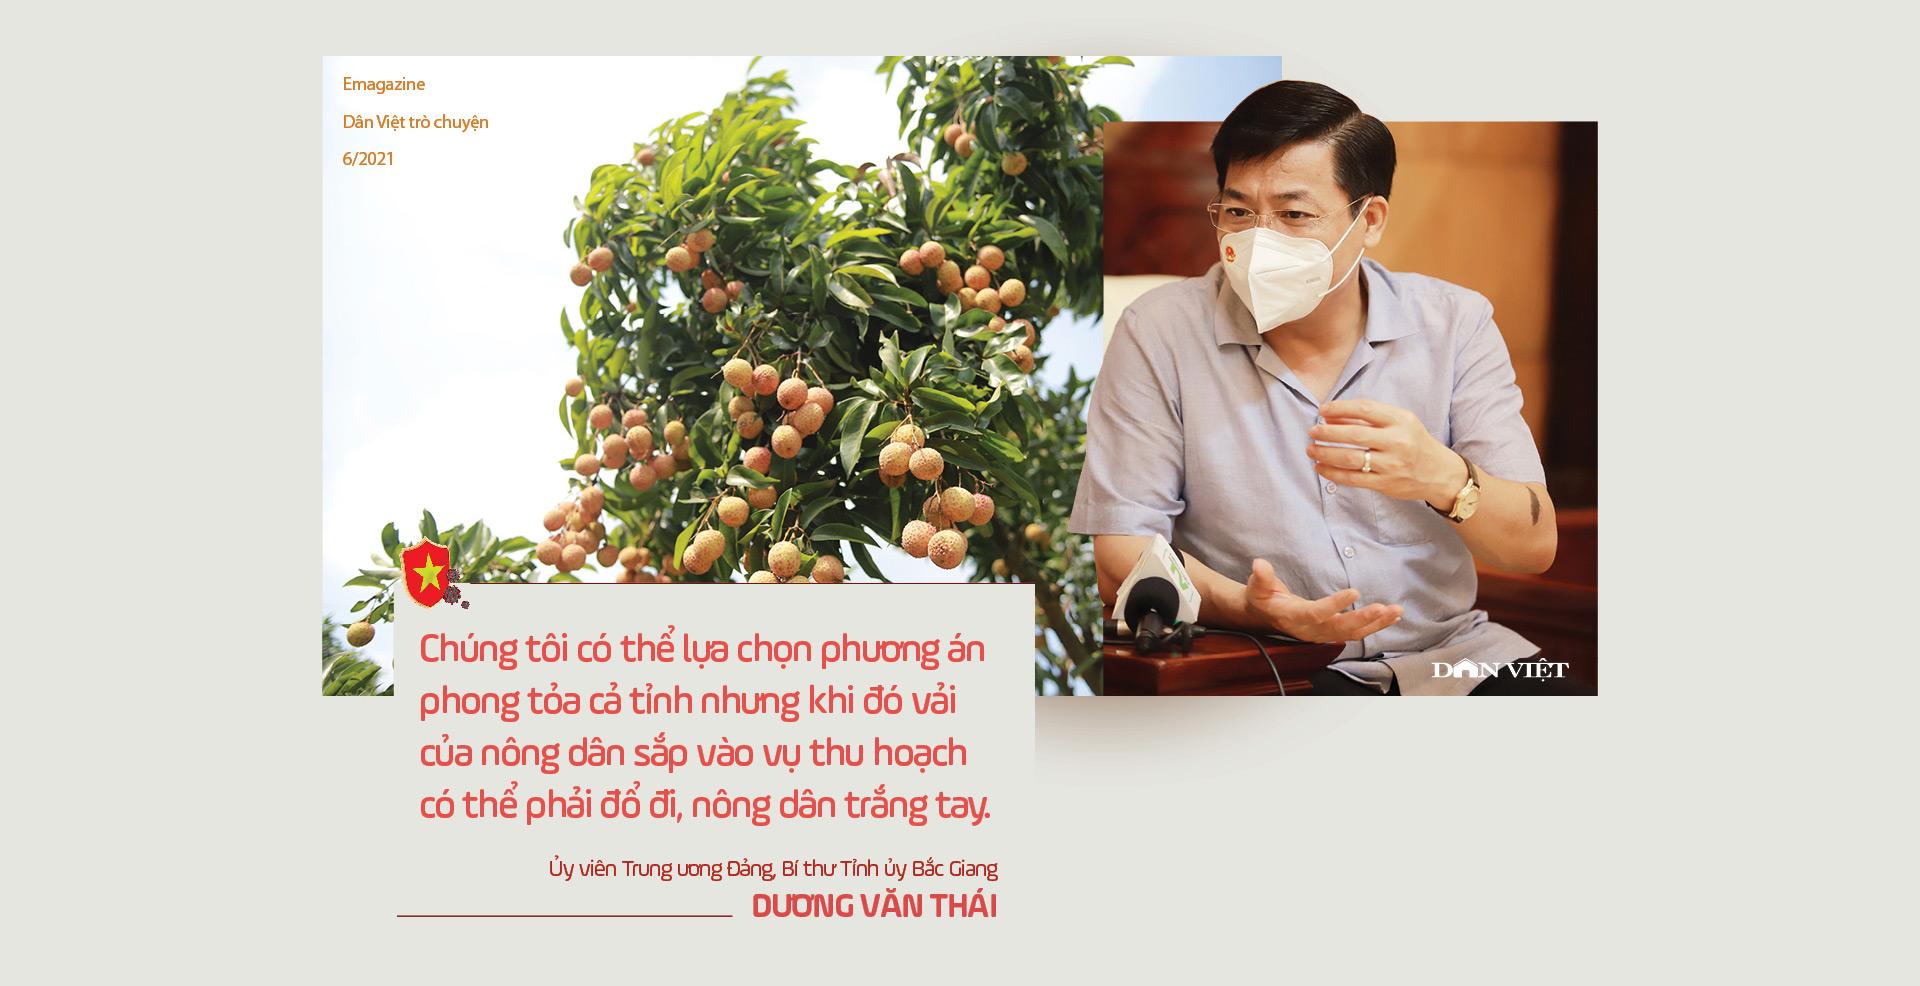 Ủy viên Trung ương Đảng, Bí thư Tỉnh ủy Bắc Giang Dương Văn Thái: Mùa vải nóng sẽ…ngọt ngào! - Ảnh 16.